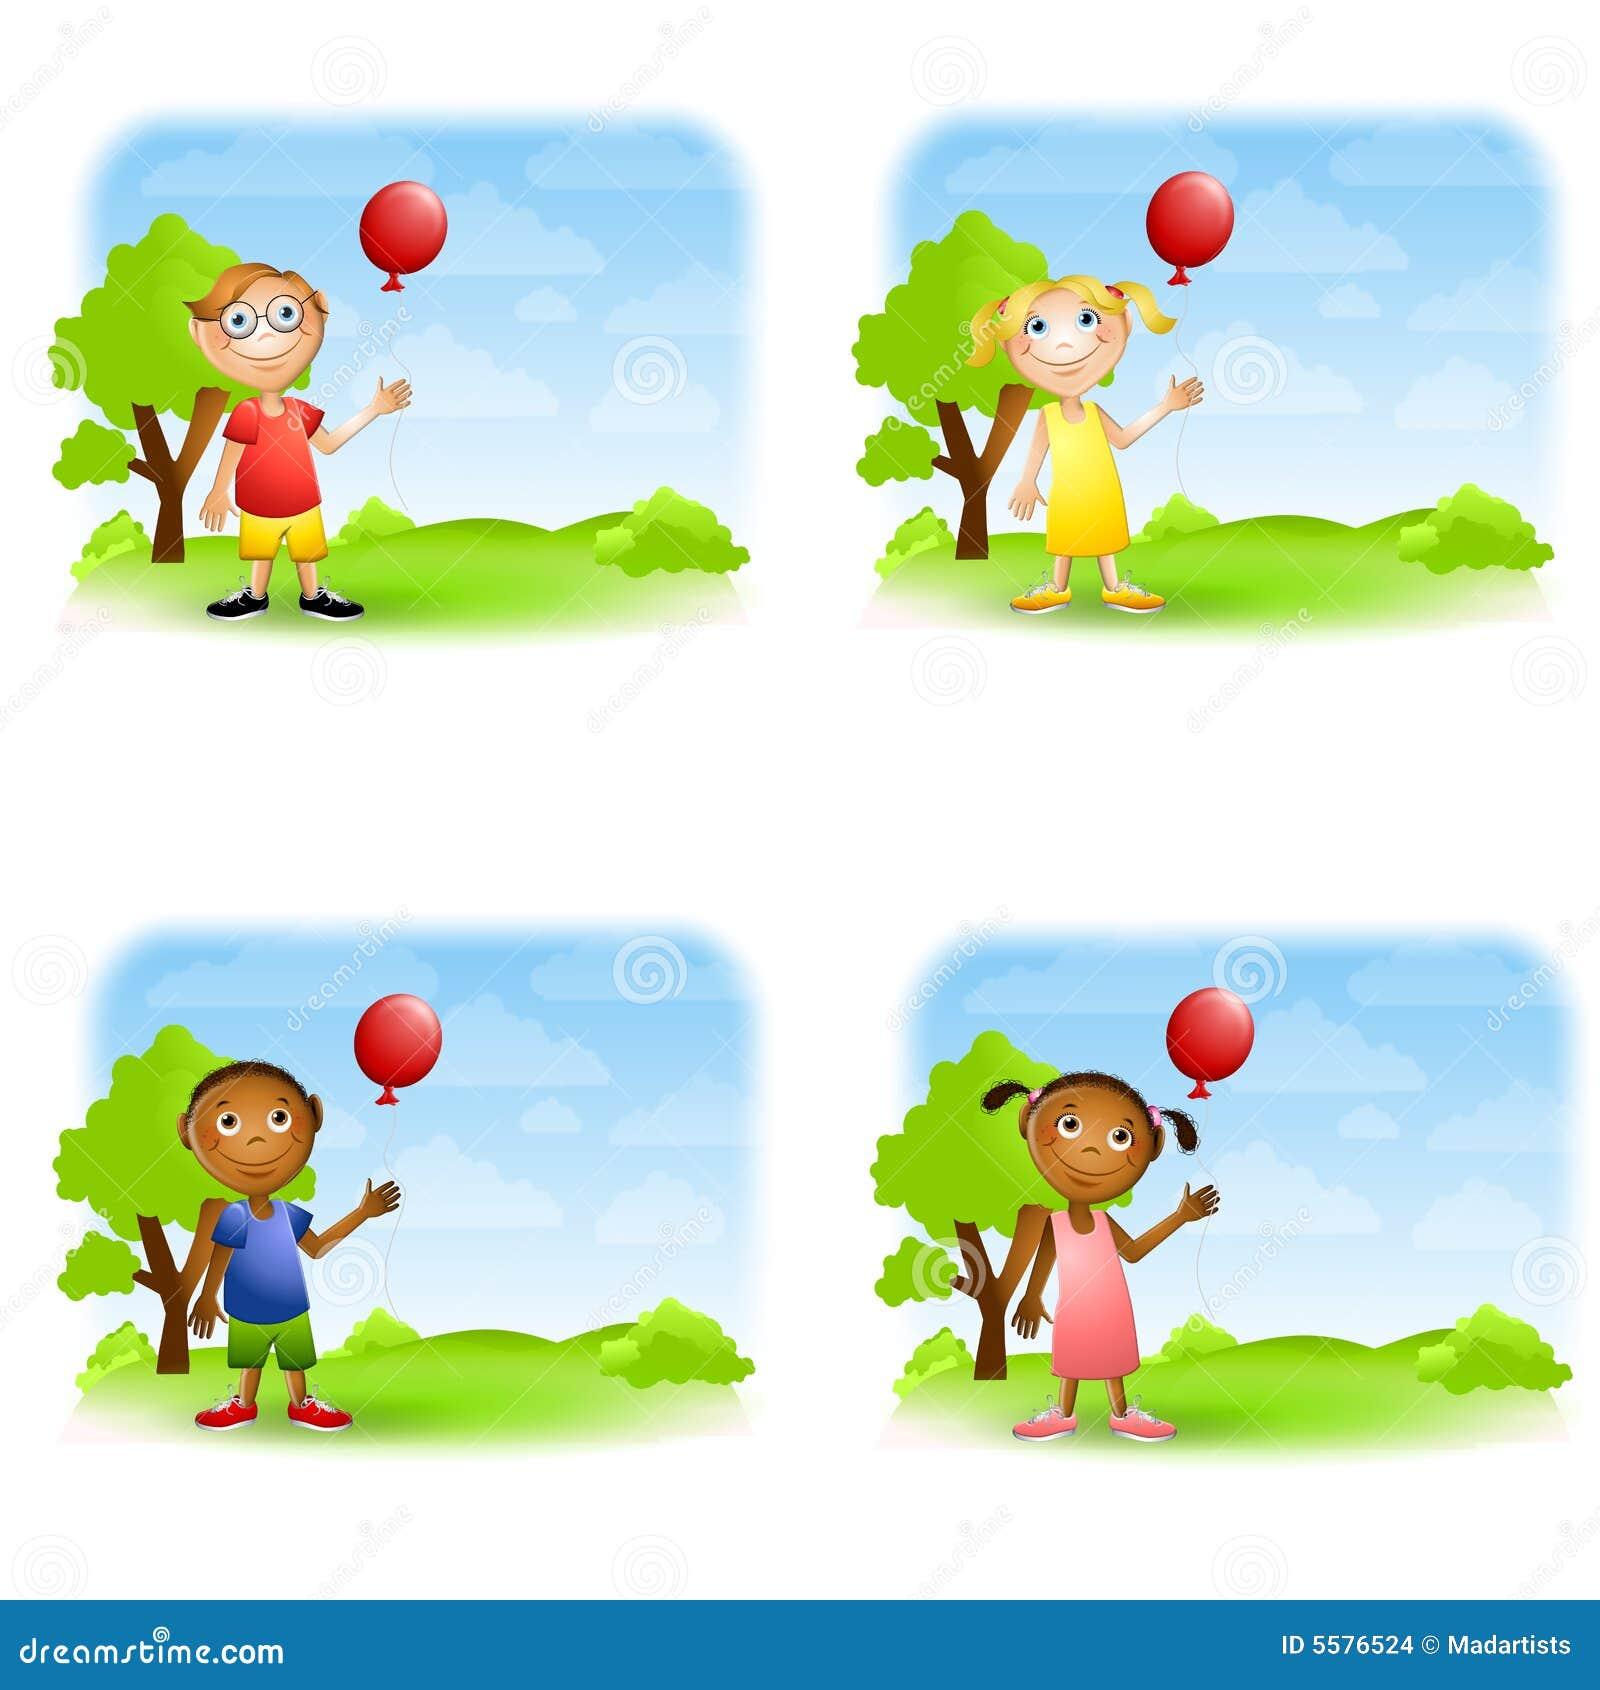 背景迅速增加以女孩为特色的男孩拿着例证公园设置.图片